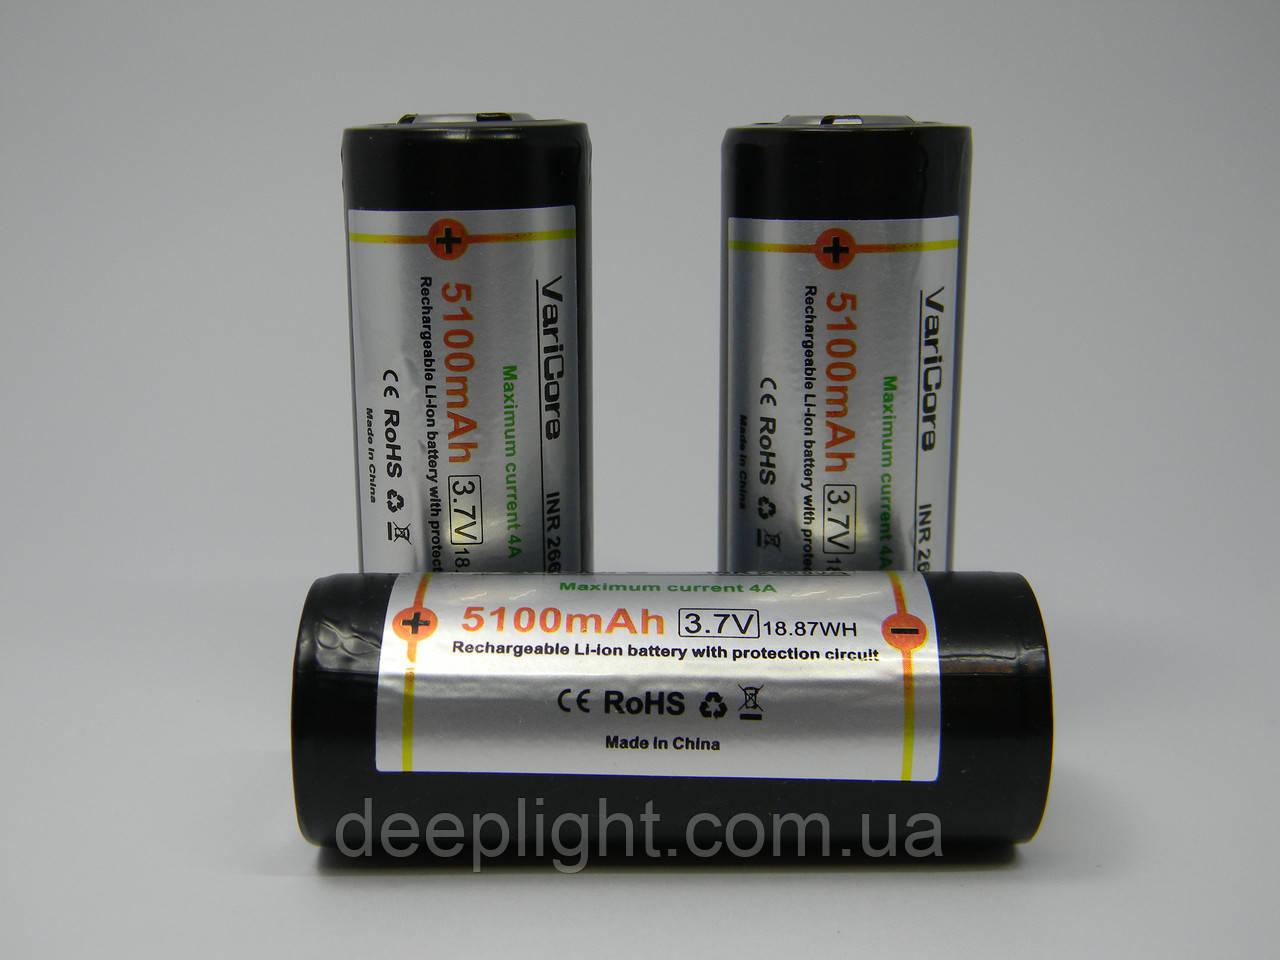 Аккумуляторы VariCore 26650 5100-5500 mAh с платой защиты(тесты ёмкости)